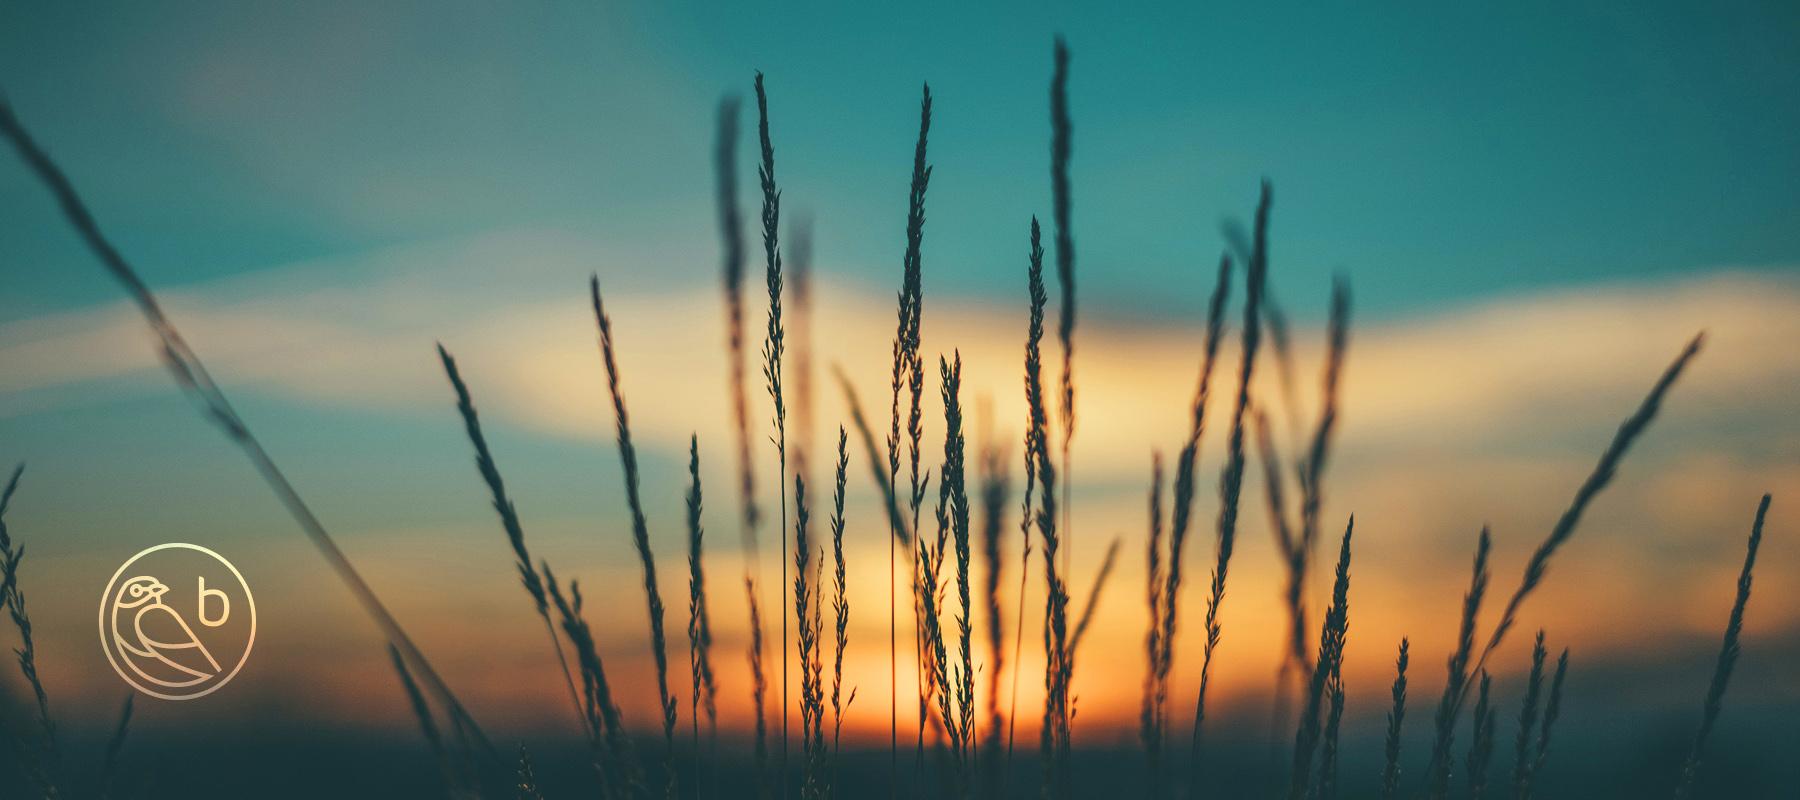 Bluewood Sunset